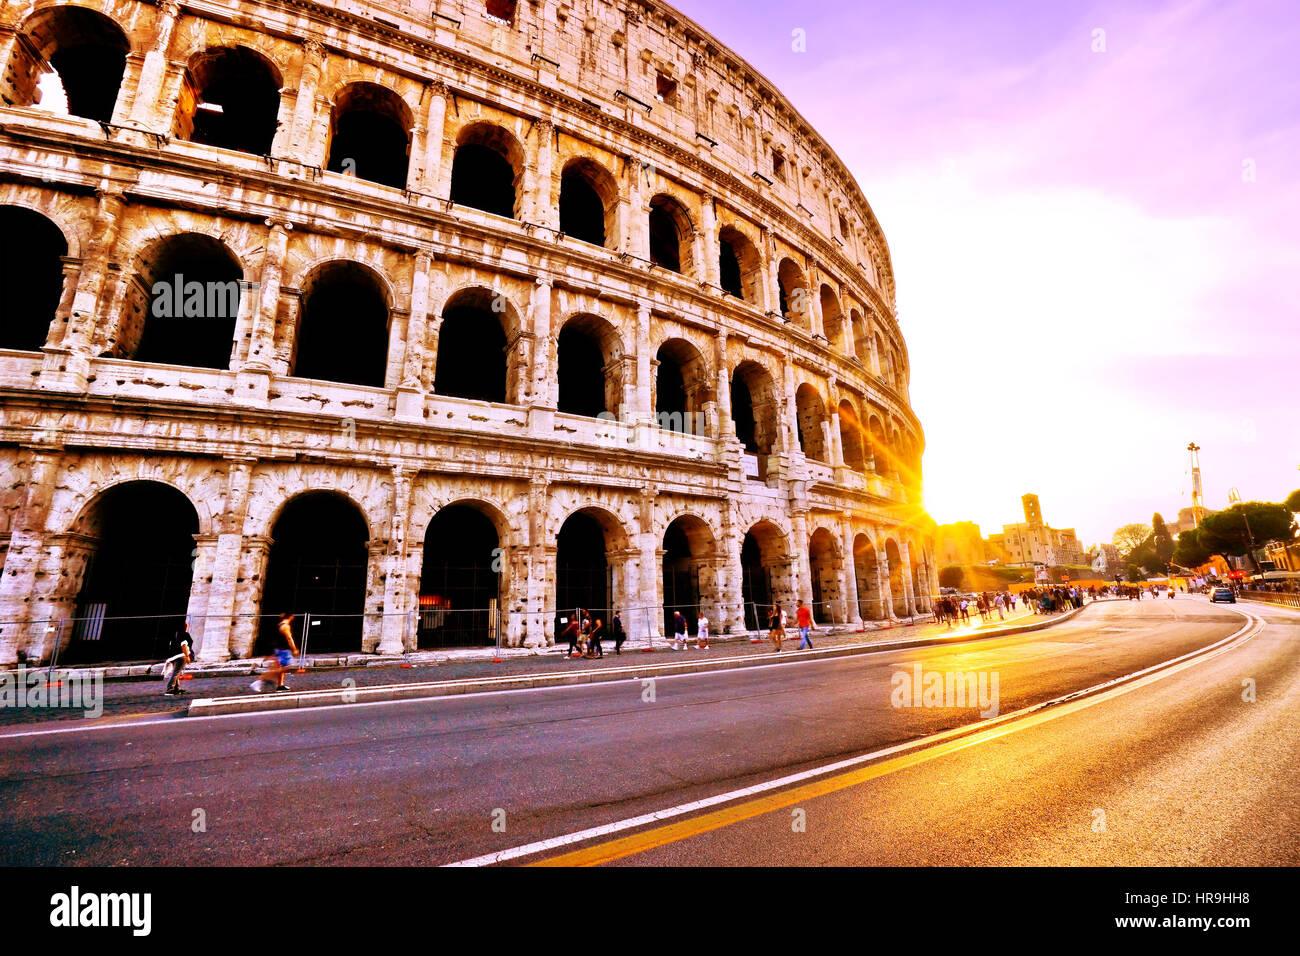 Ansicht des Kolosseums bei Sonnenuntergang in Rom, Italien. Stockbild